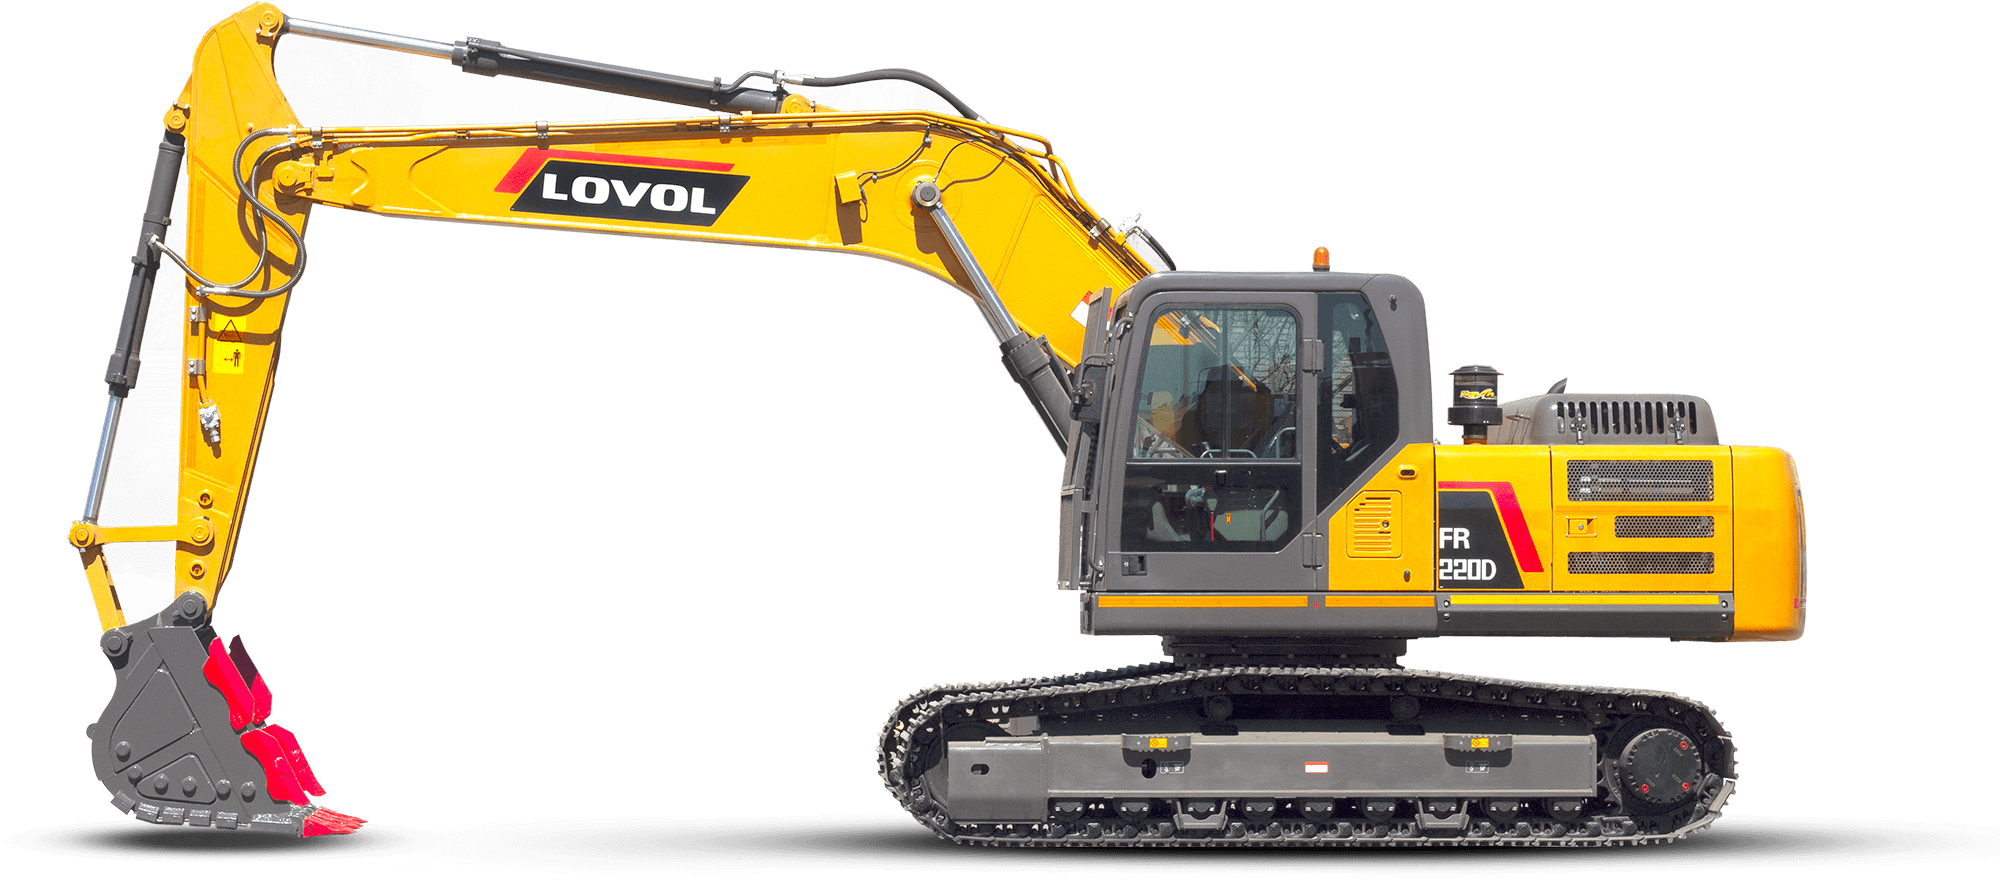 LOVOL FR220D